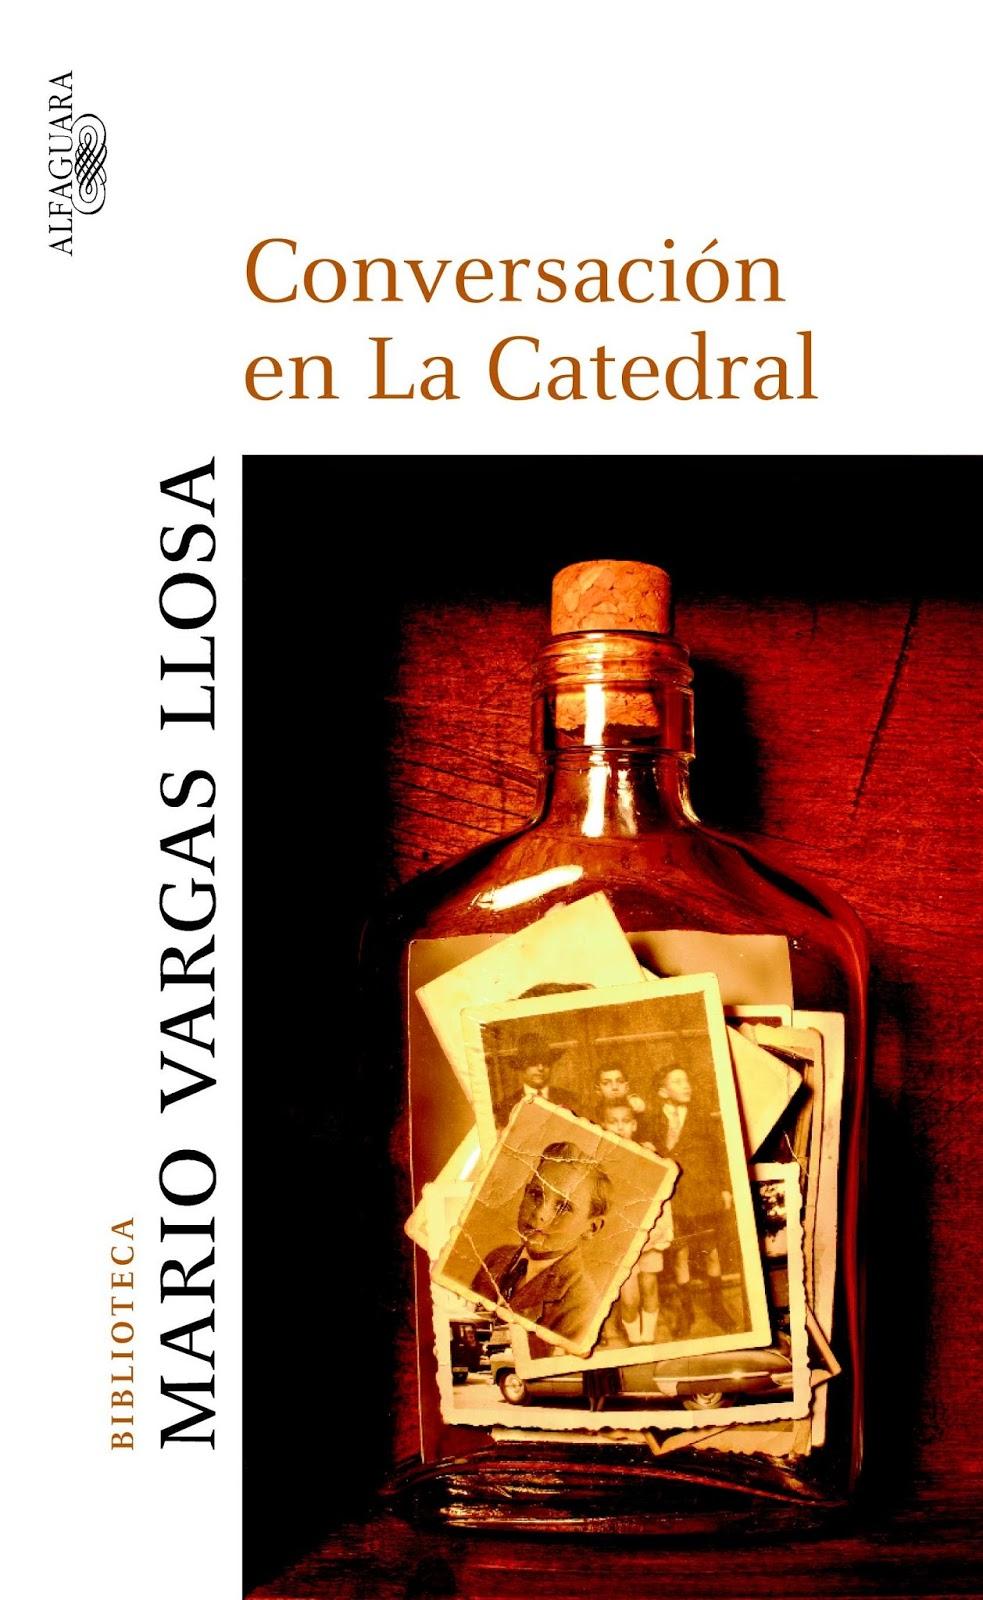 Reseña: Conversación en La Catedral, de Mario Vargas Llosa